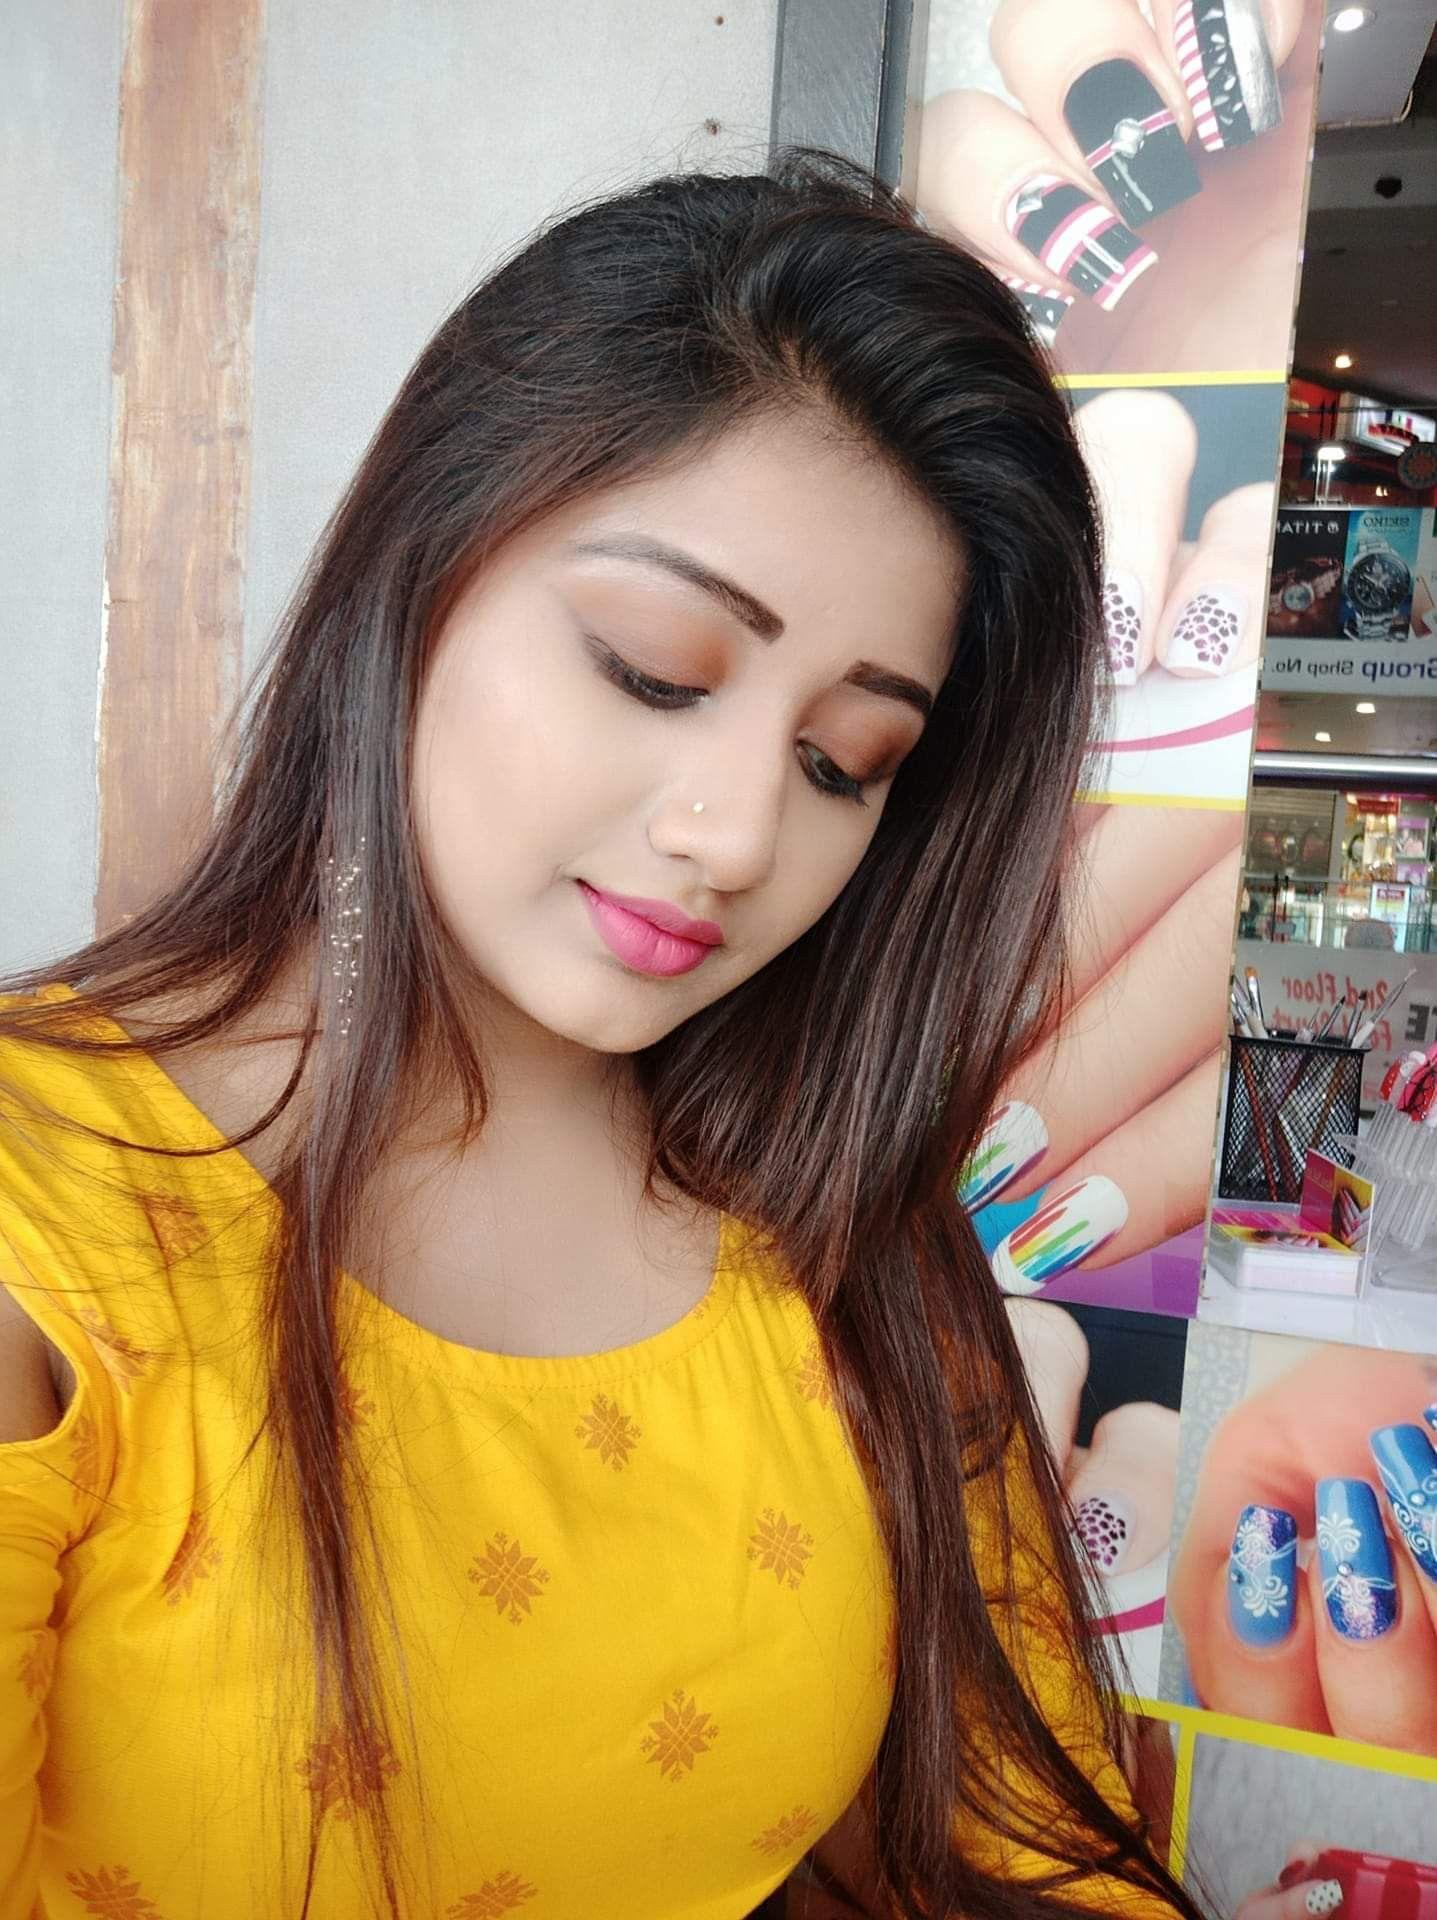 Beautiful Desi Girl HD Wallpapers - Wallpaper Cave